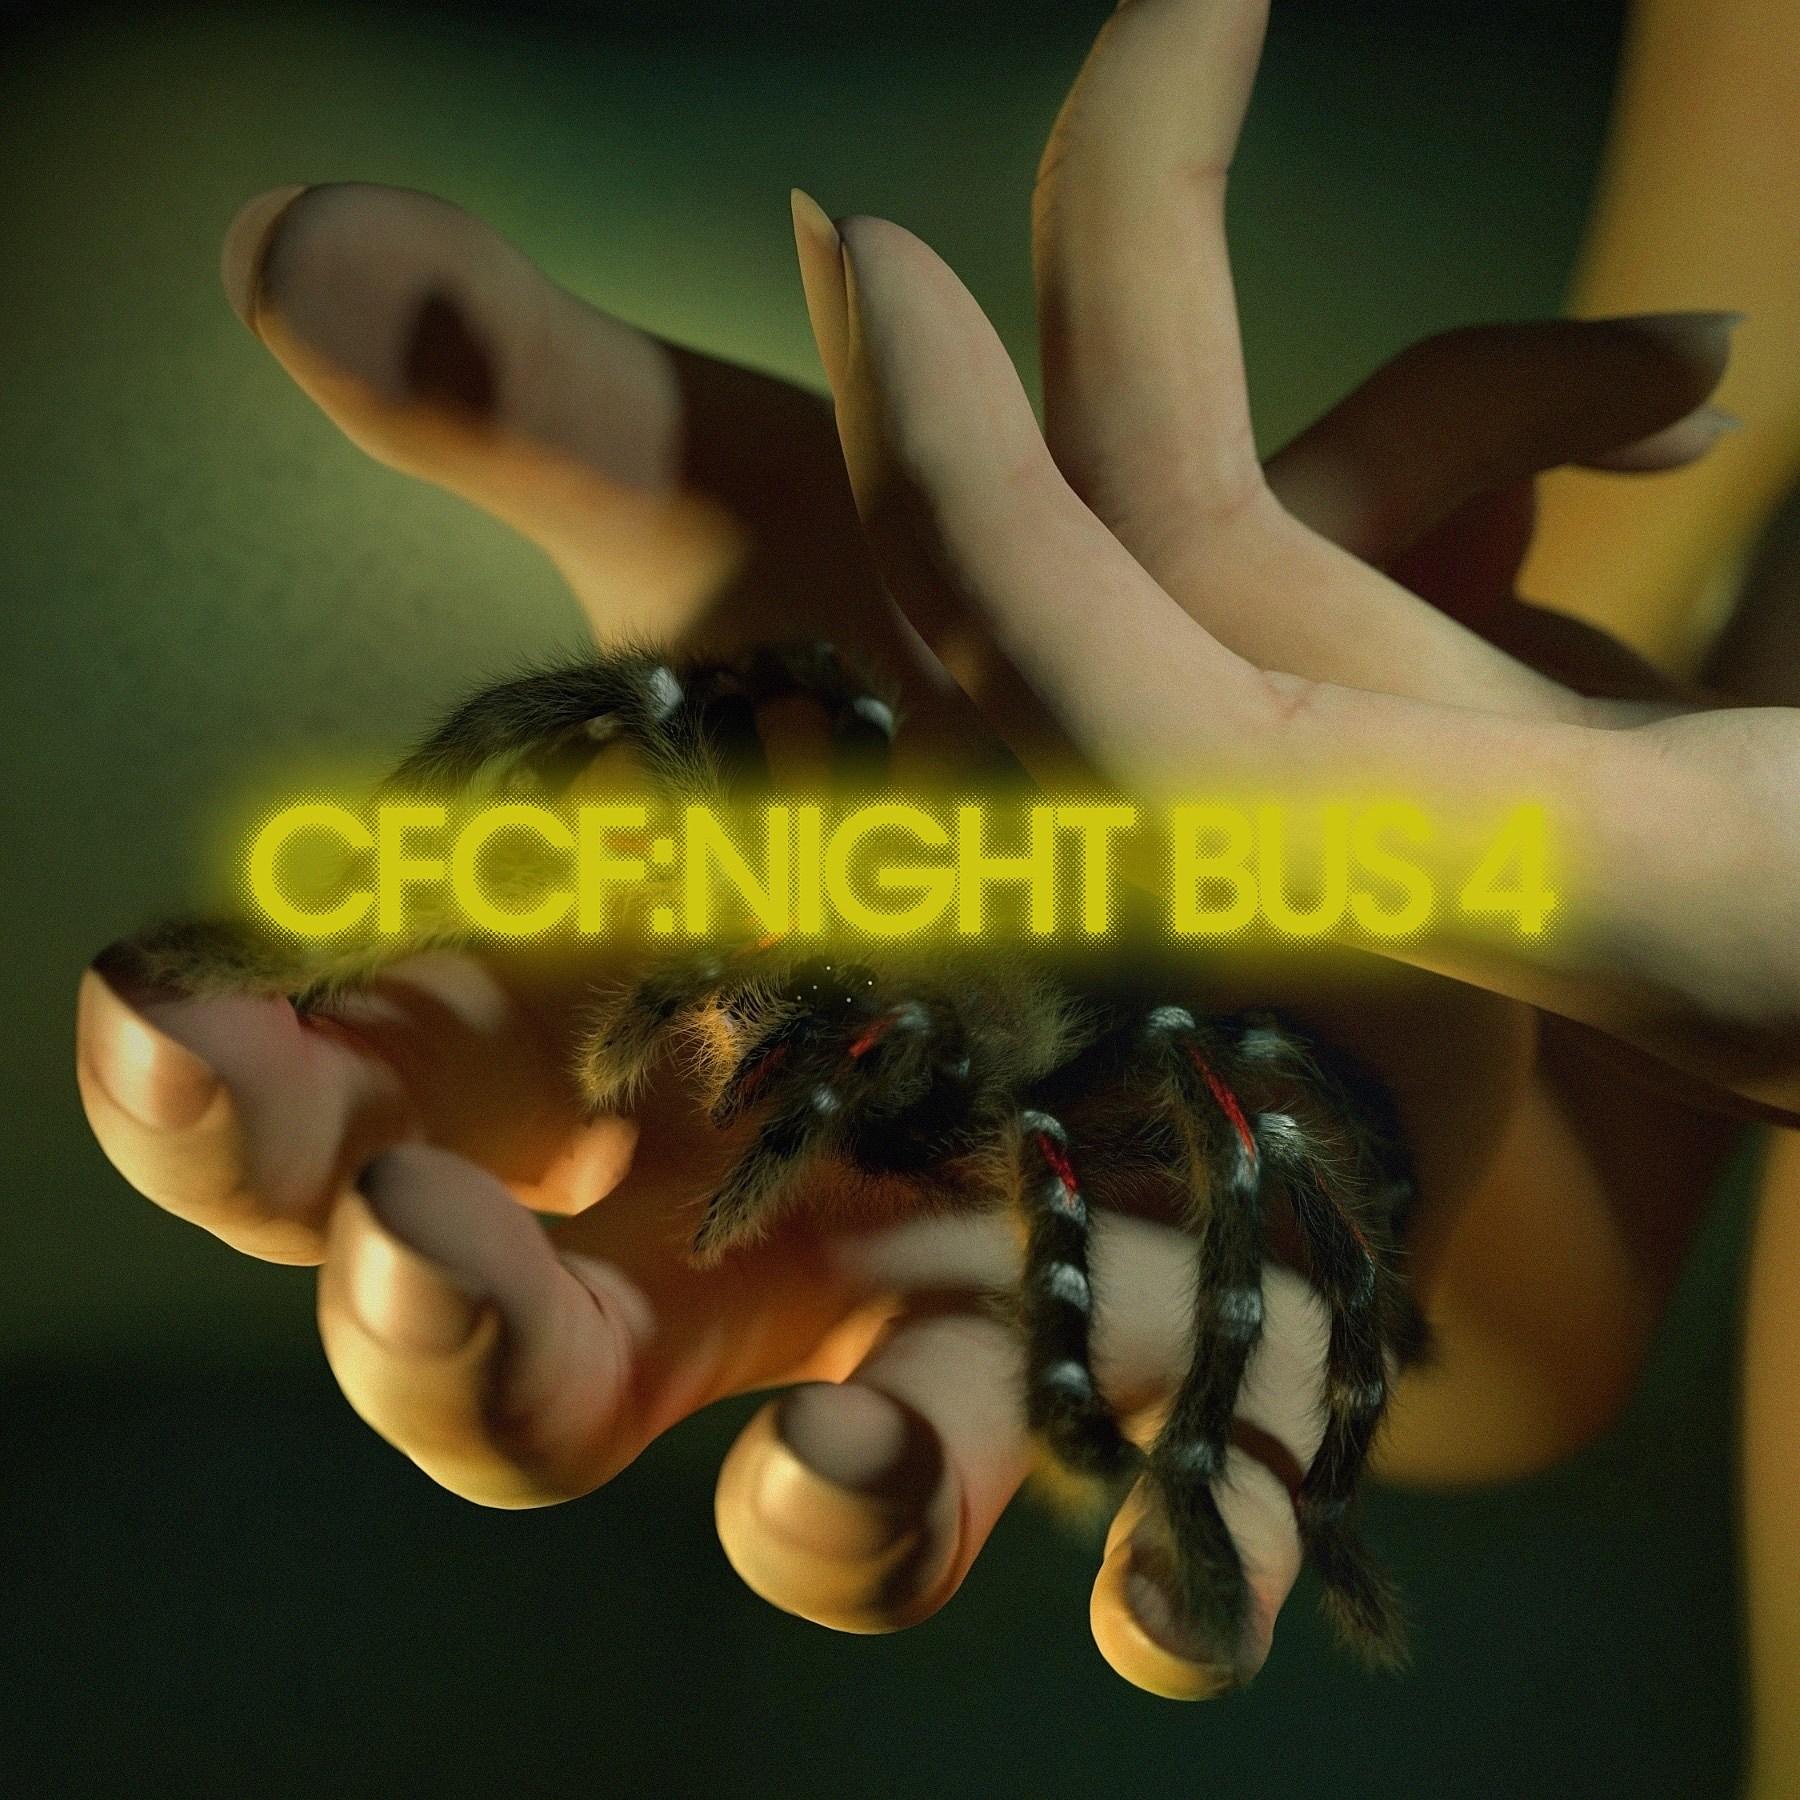 NIGHT BUS 4